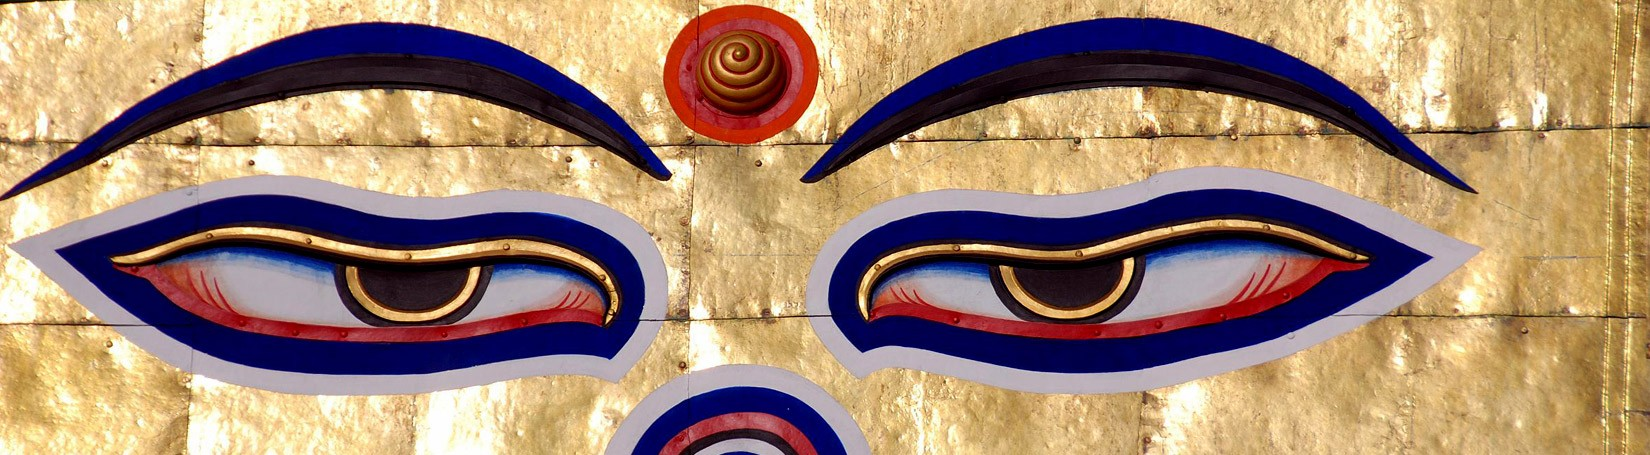 Buddha Eyes of Swoyambhunath Stupa